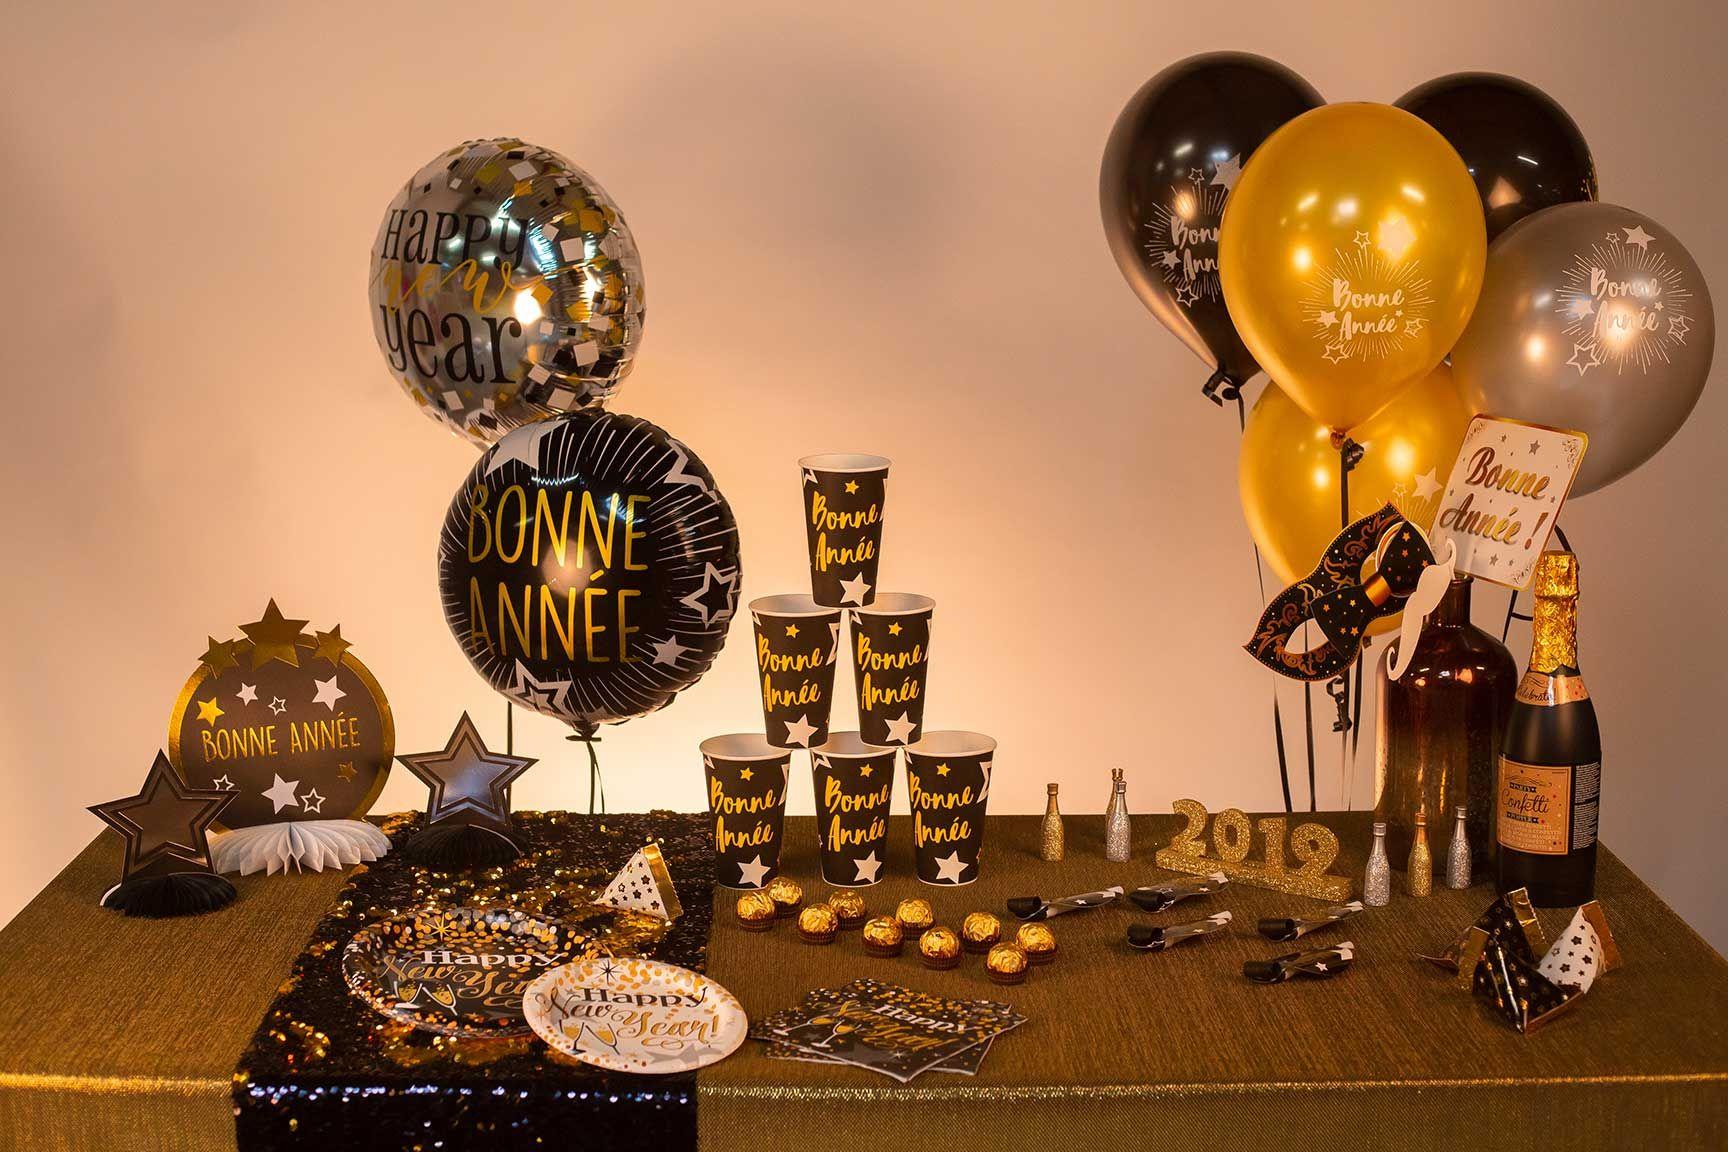 Ce Ballon Métallique Hélium - Bonne Année - Blanc et Or sera du plus bel  effet f0e1250f4da